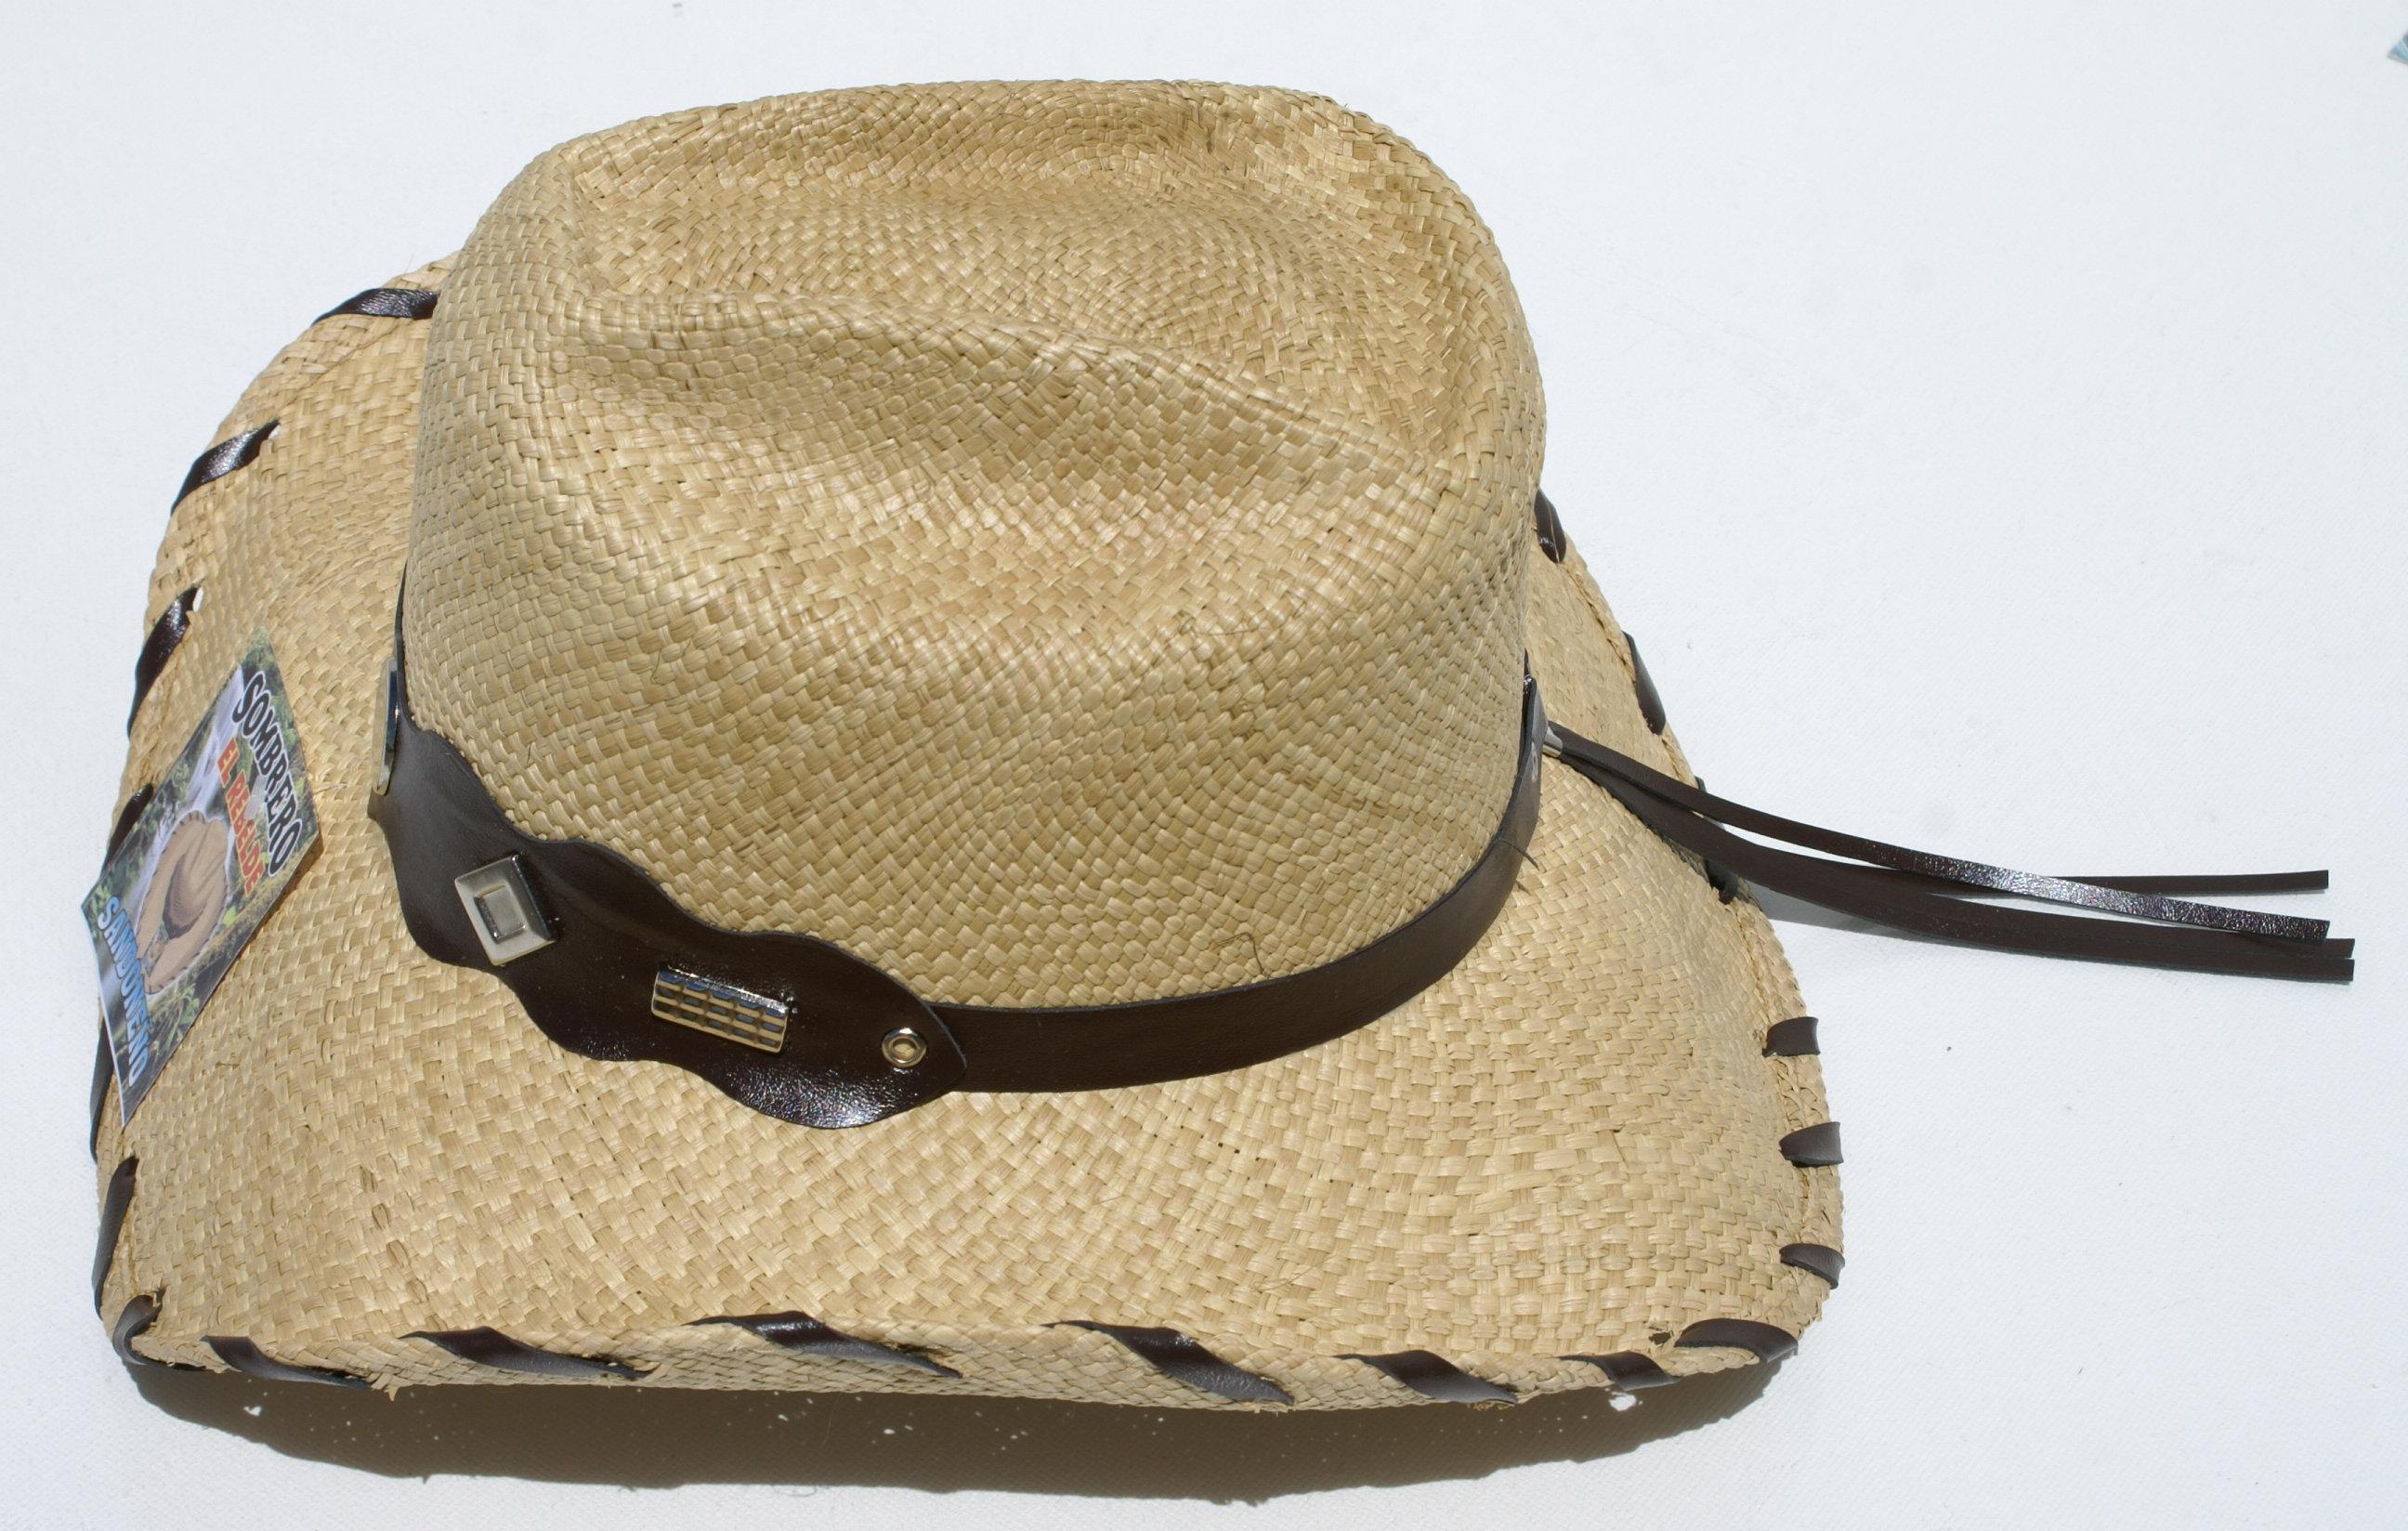 43864faf4a00d Sombreros - Subastas - comprar y vender productos